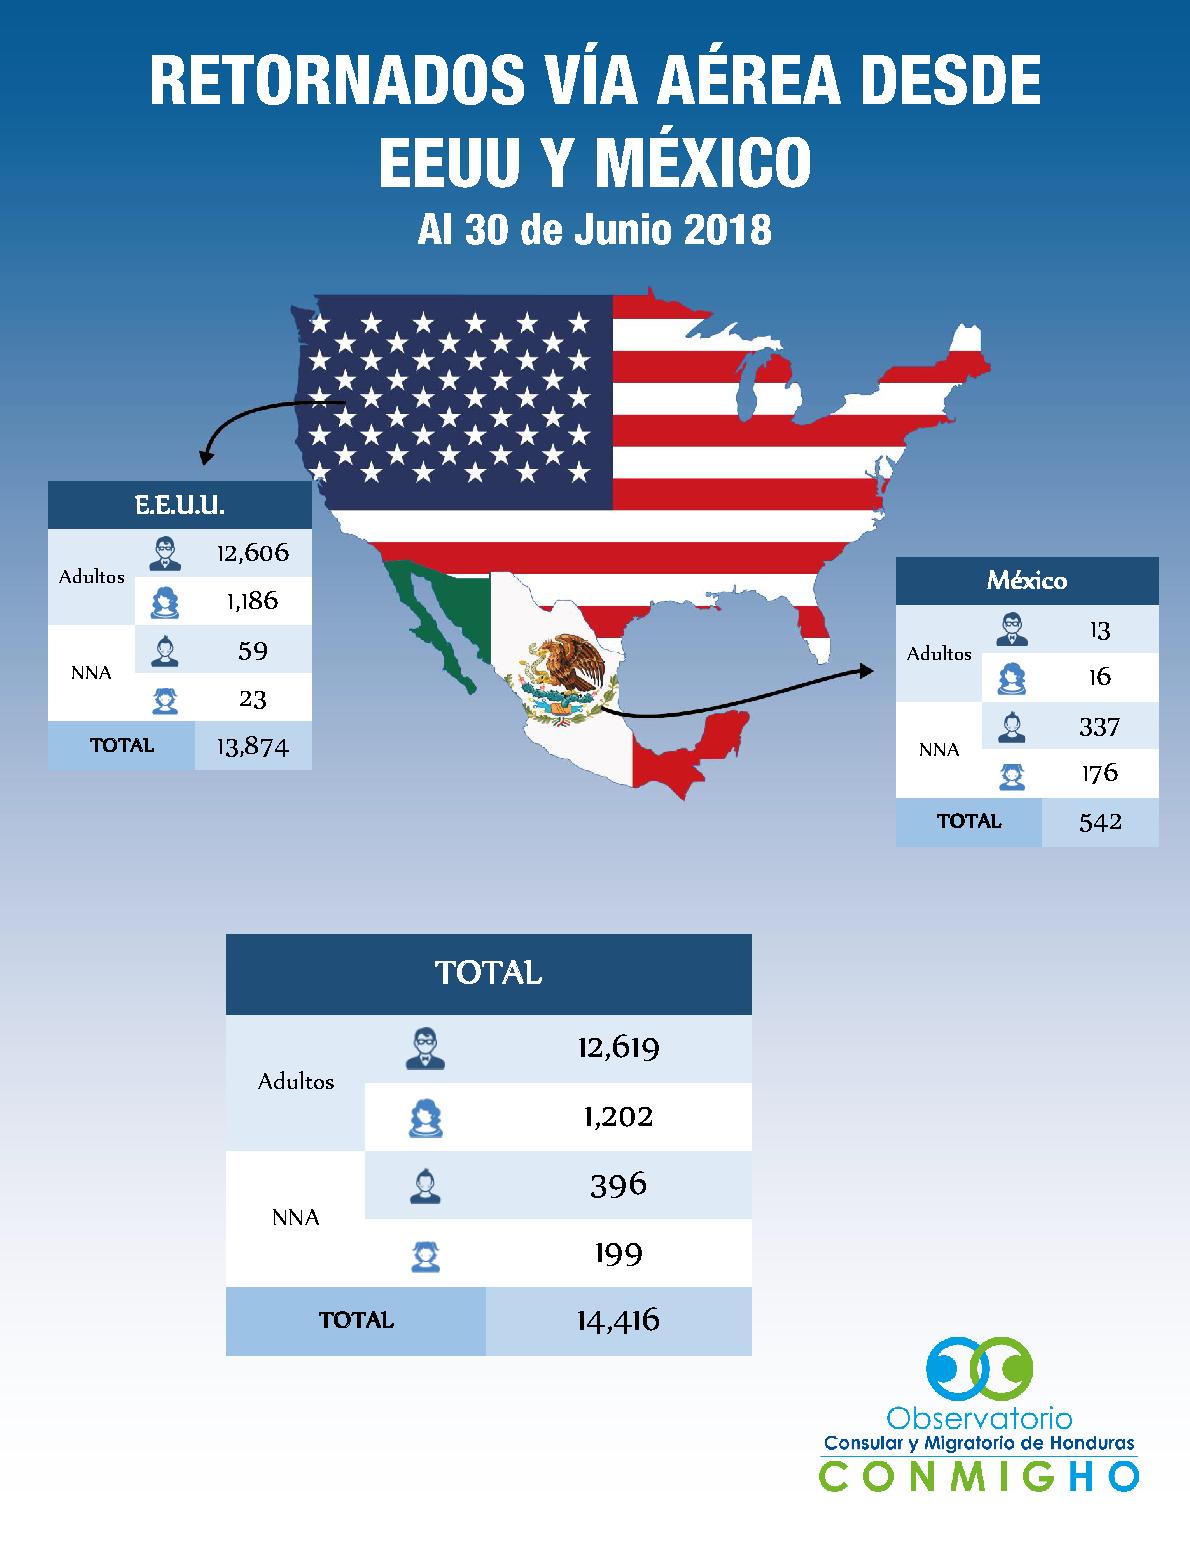 Hondurenios retornados via aerea de US